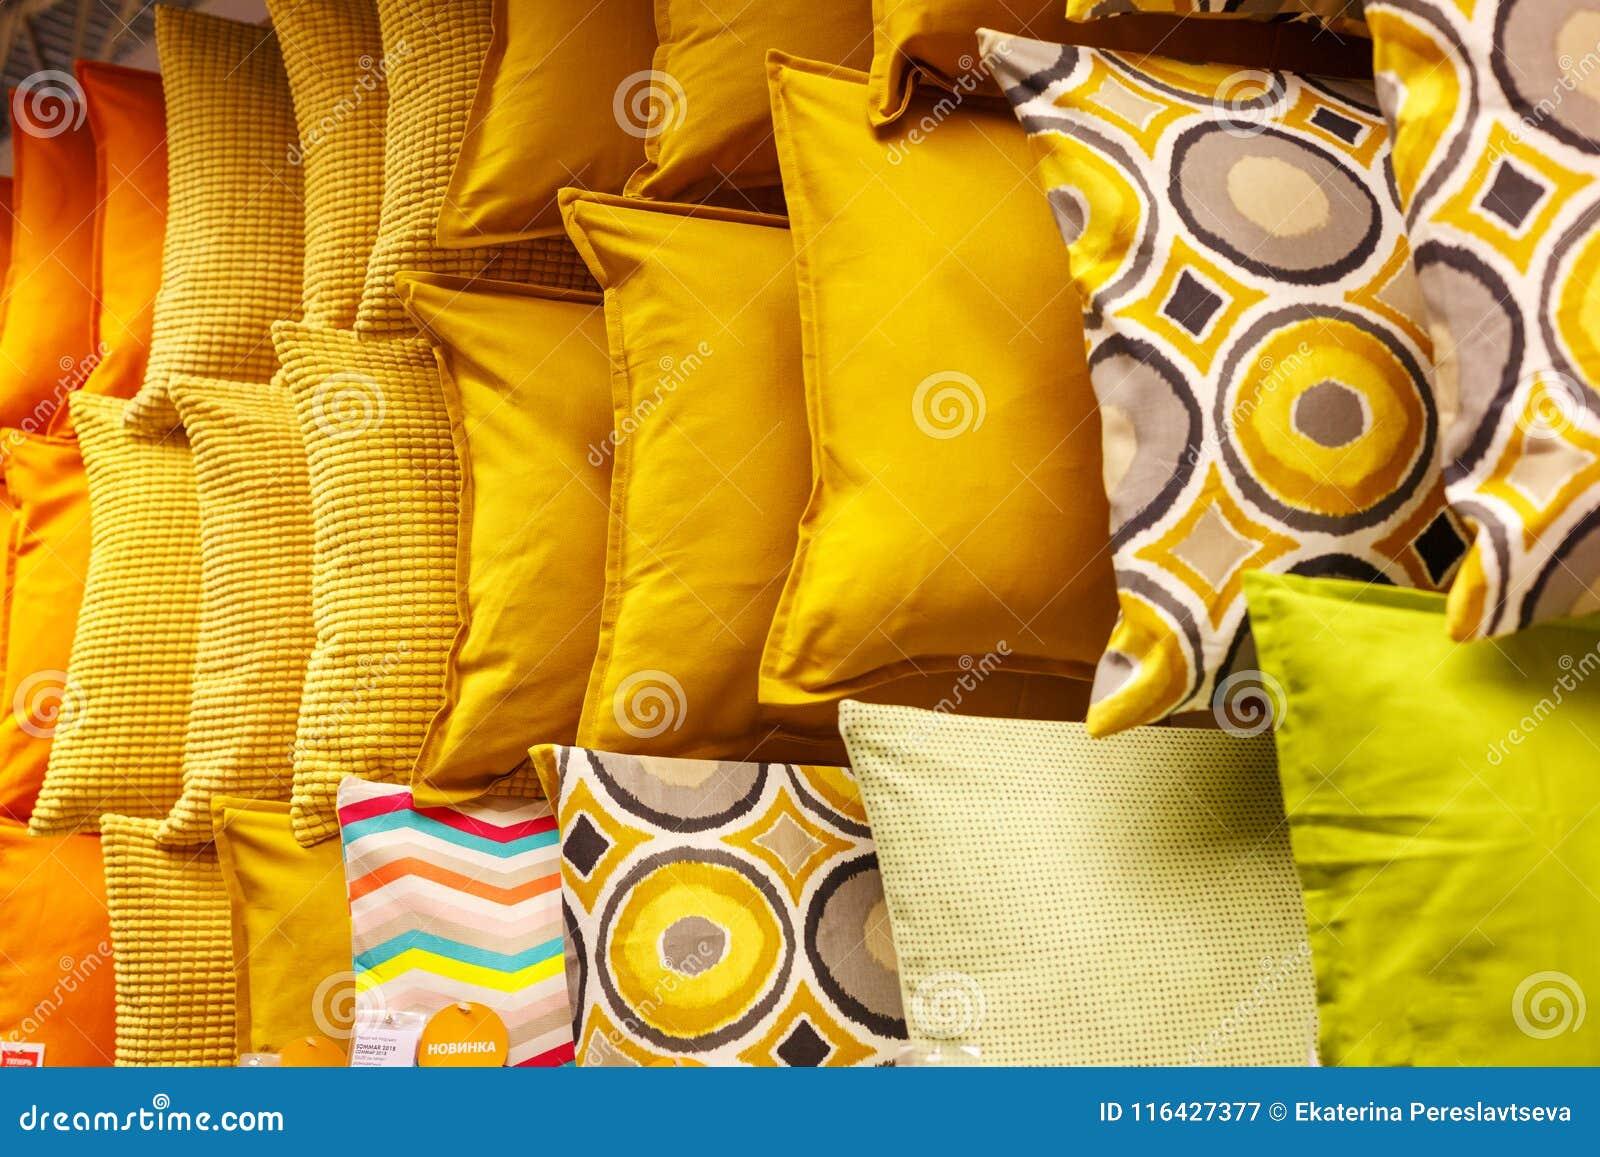 Cuscini gialli in una fila